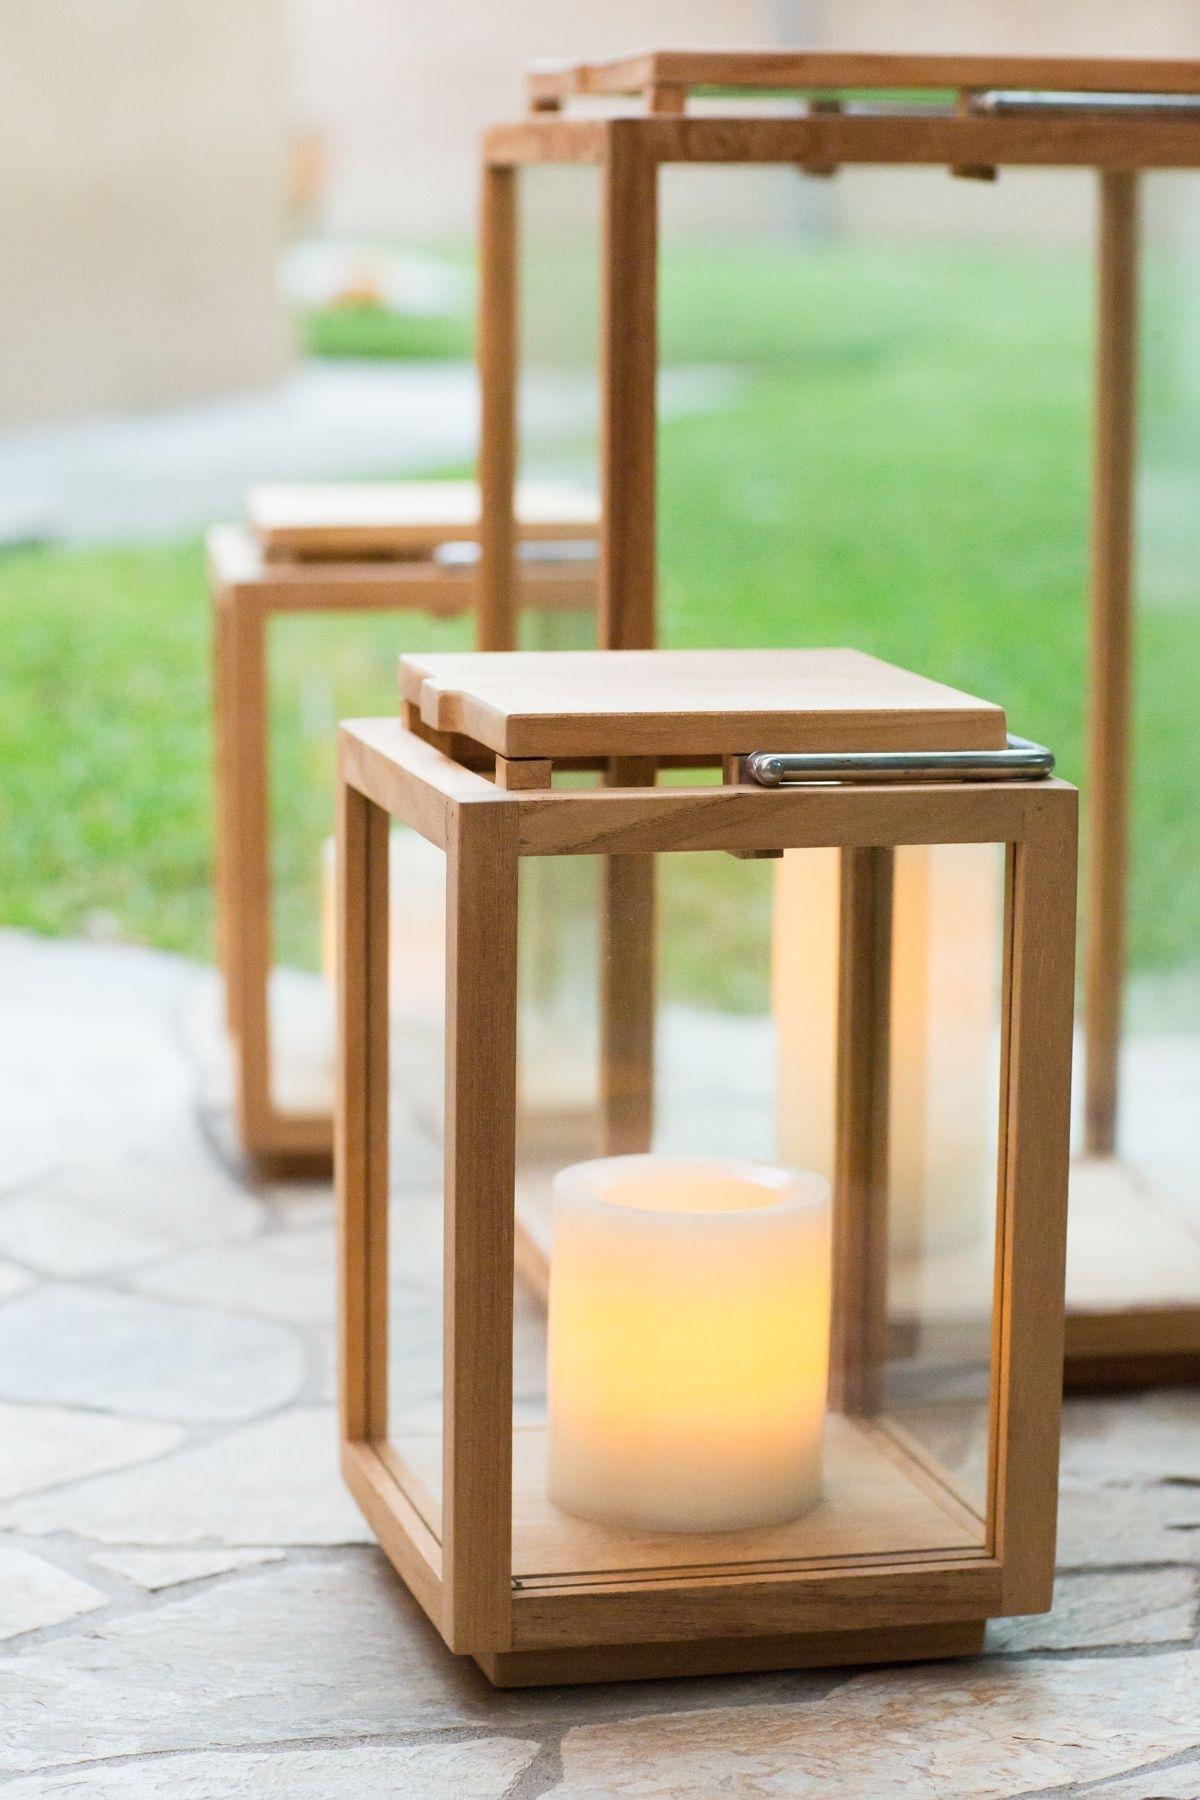 Outdoor Patio Teak Lanterns // Outdoor Lighting // Patio // Outdoor For Well Liked Outdoor Teak Lanterns (View 7 of 20)